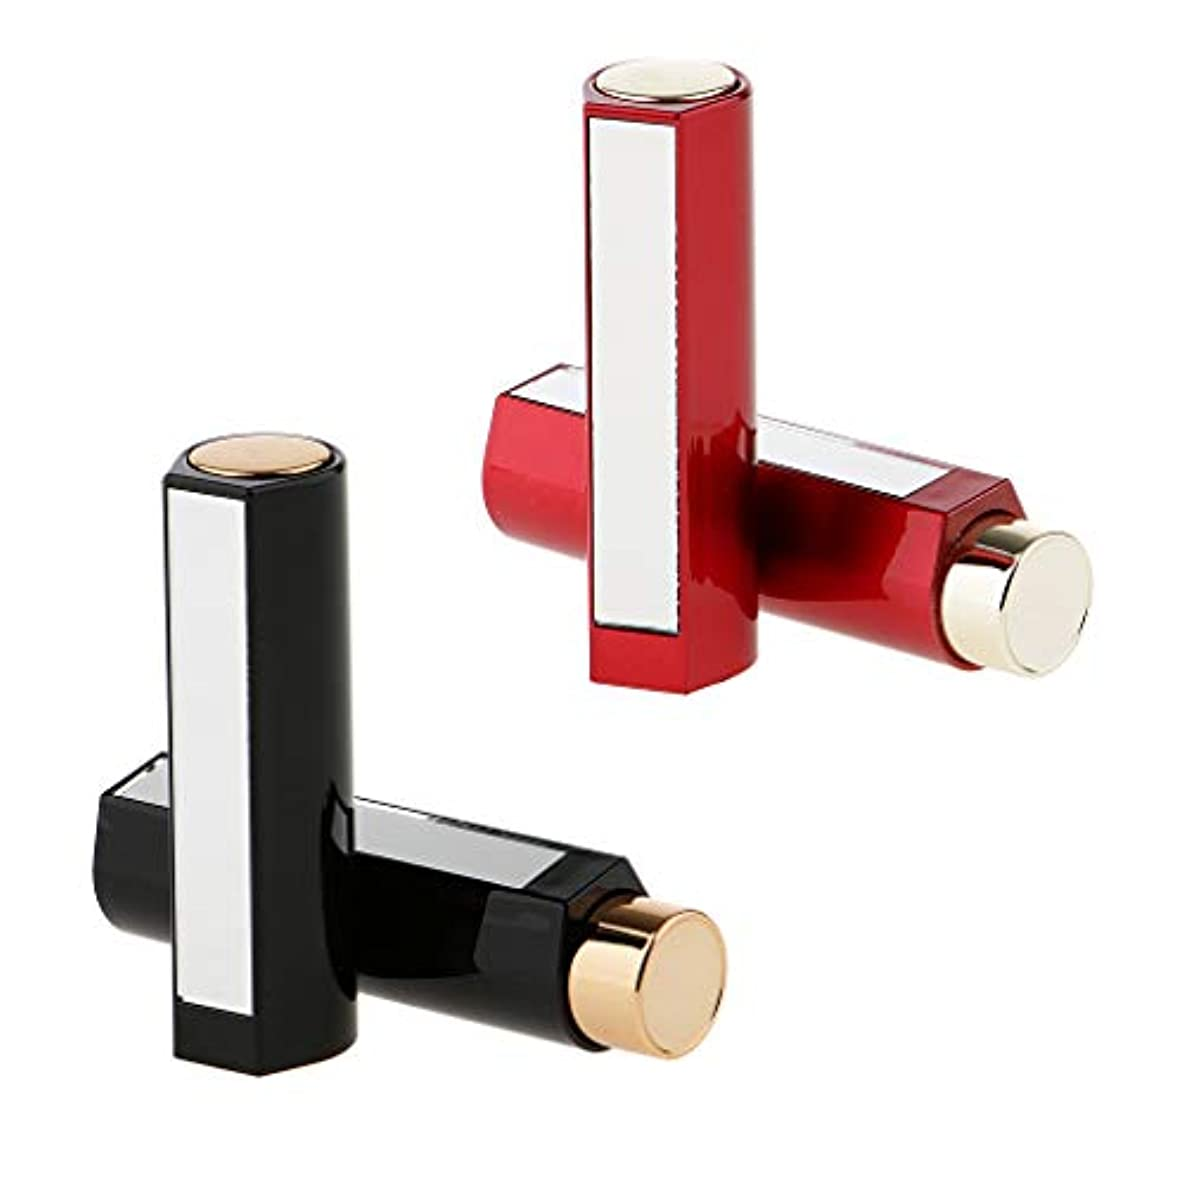 思いつく蛾九月4本セット 空チューブ 口紅容器 口紅チューブ リップスティックコンテナ 約7.5x 2cm